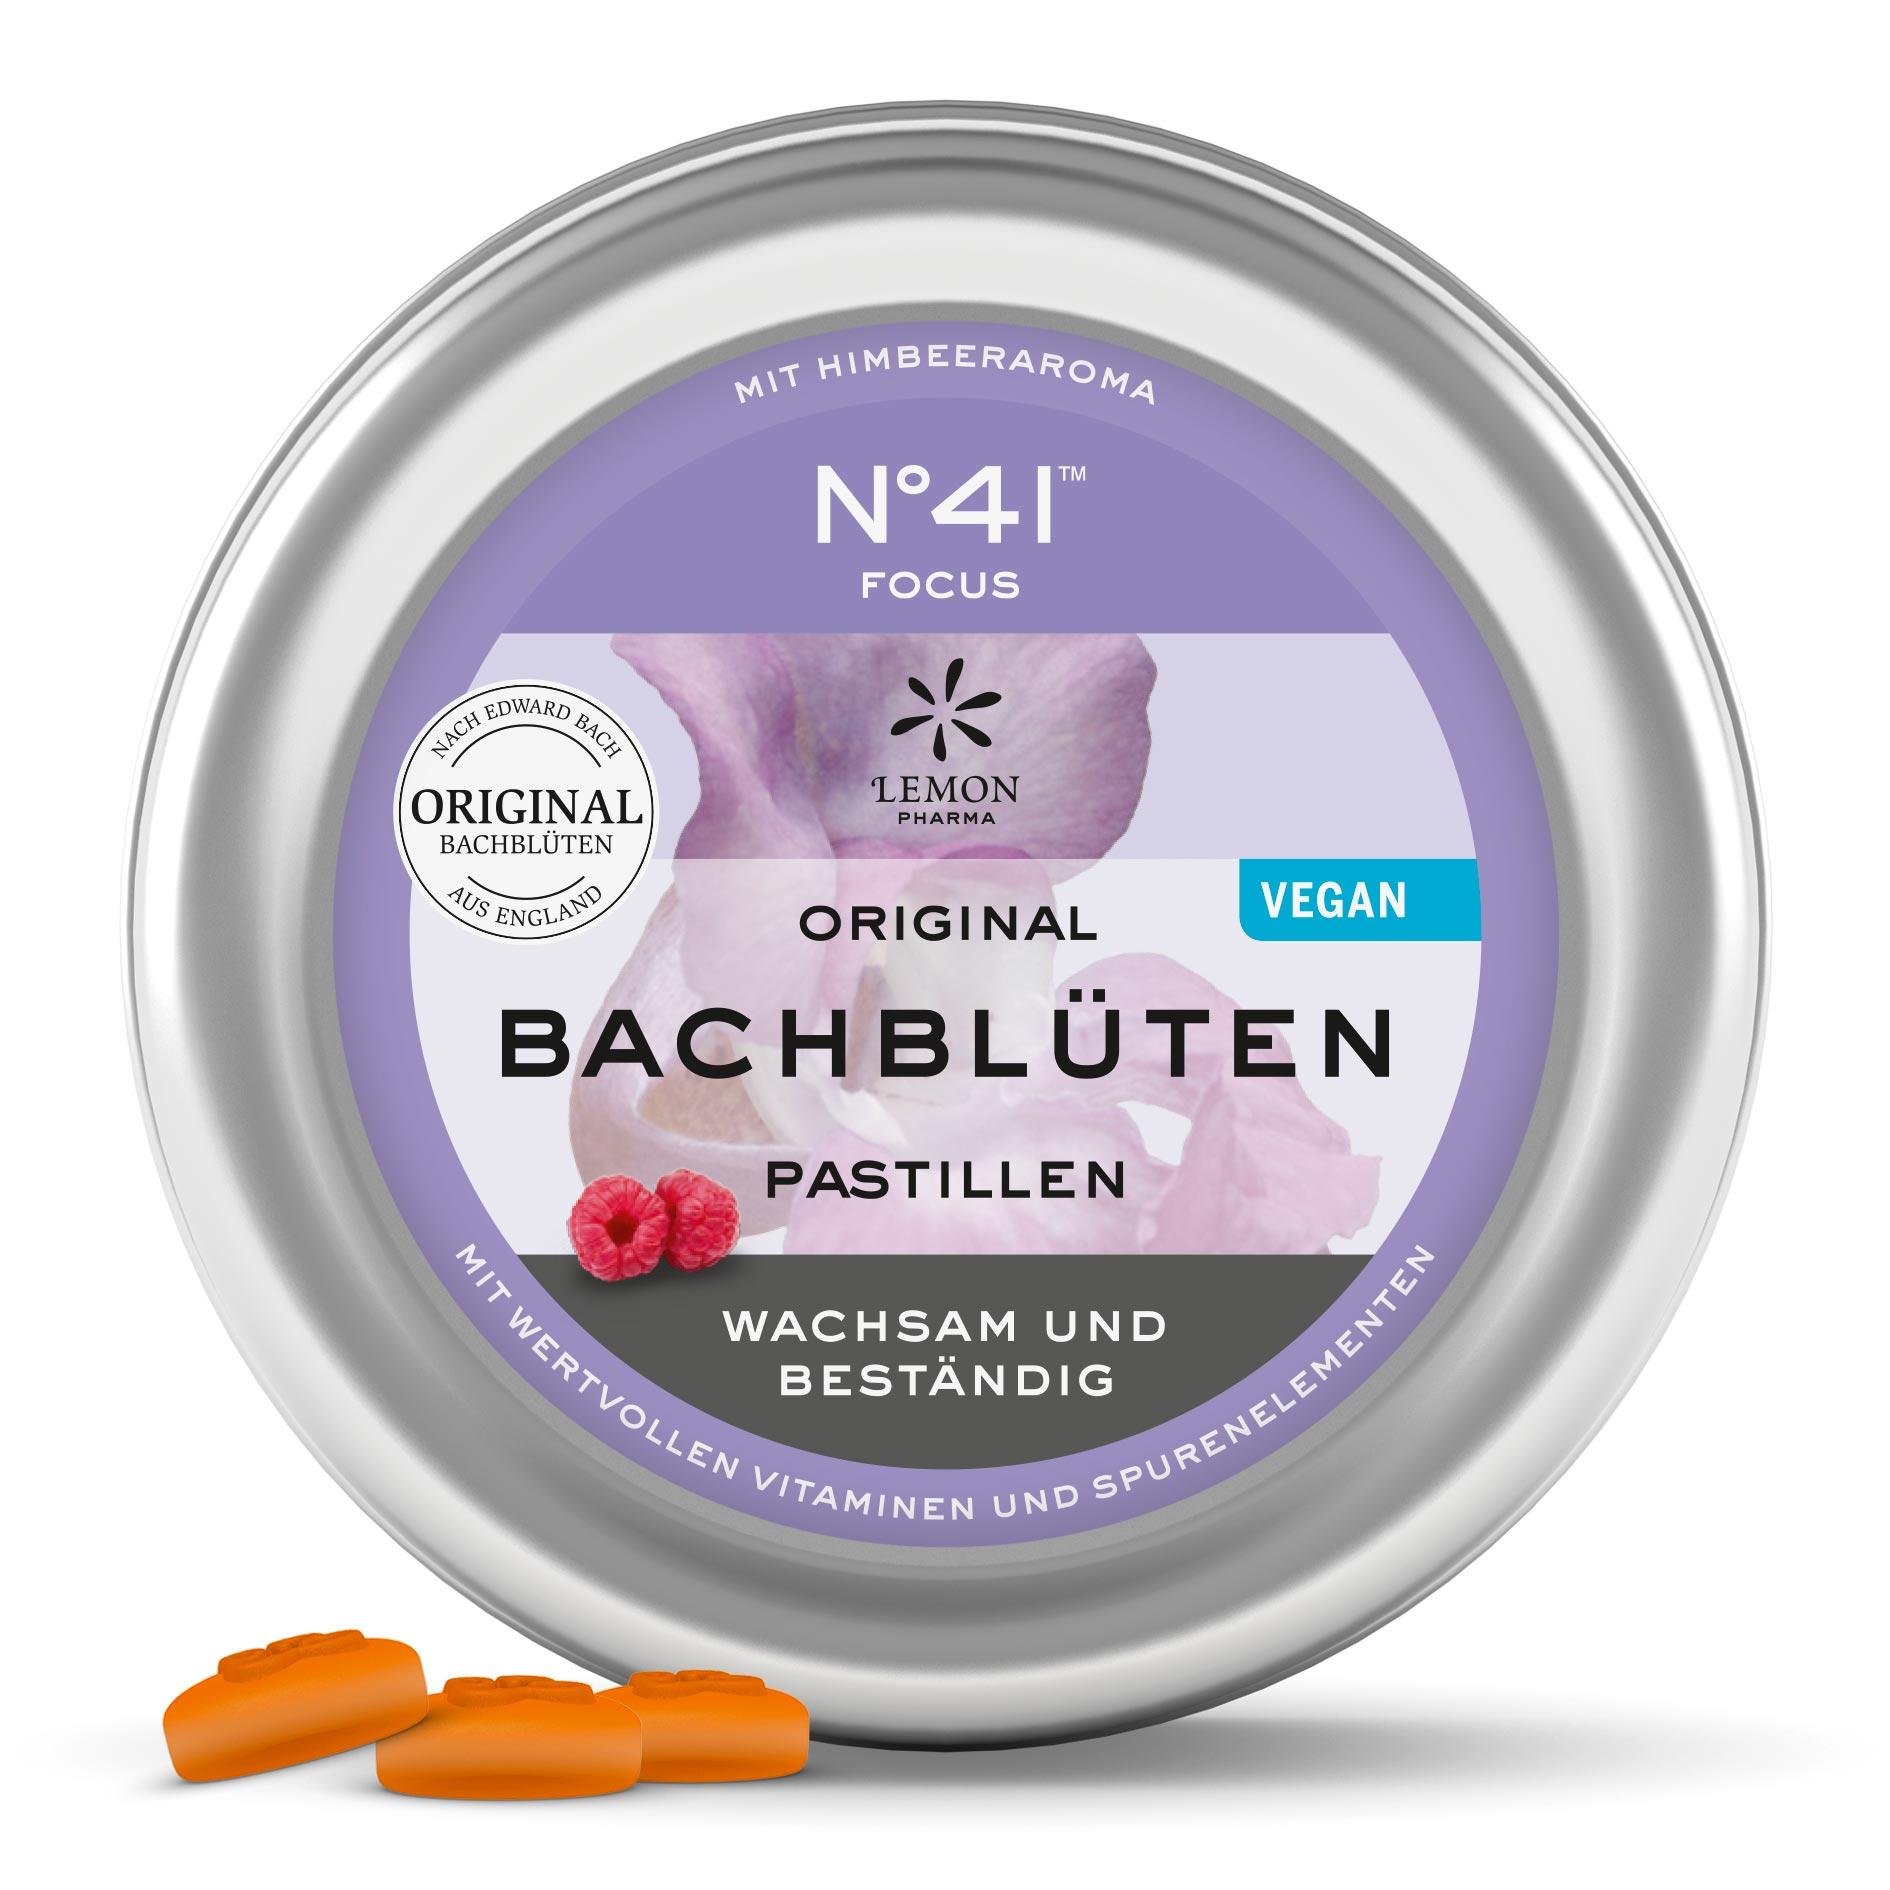 Fiori di Bach originali Lemon Pharma Nr 41 Concentrazione pastiglie Svegli e resistenti vegano